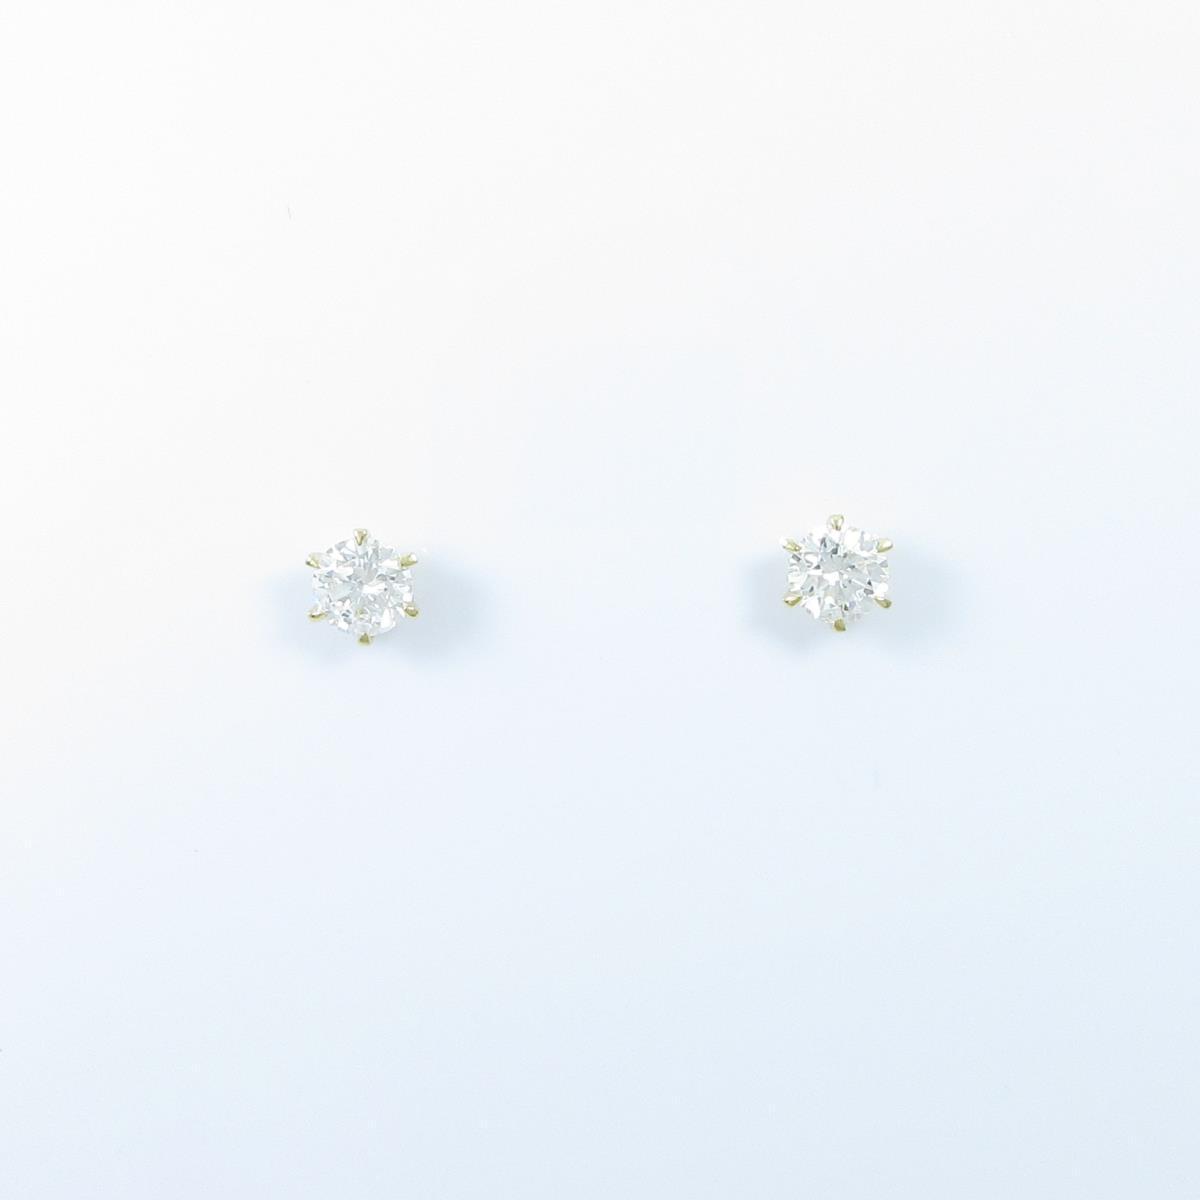 【リメイク】K18YG/ST ダイヤモンドピアス 0.308ct・0.314ct・F・SI2・GOOD【中古】